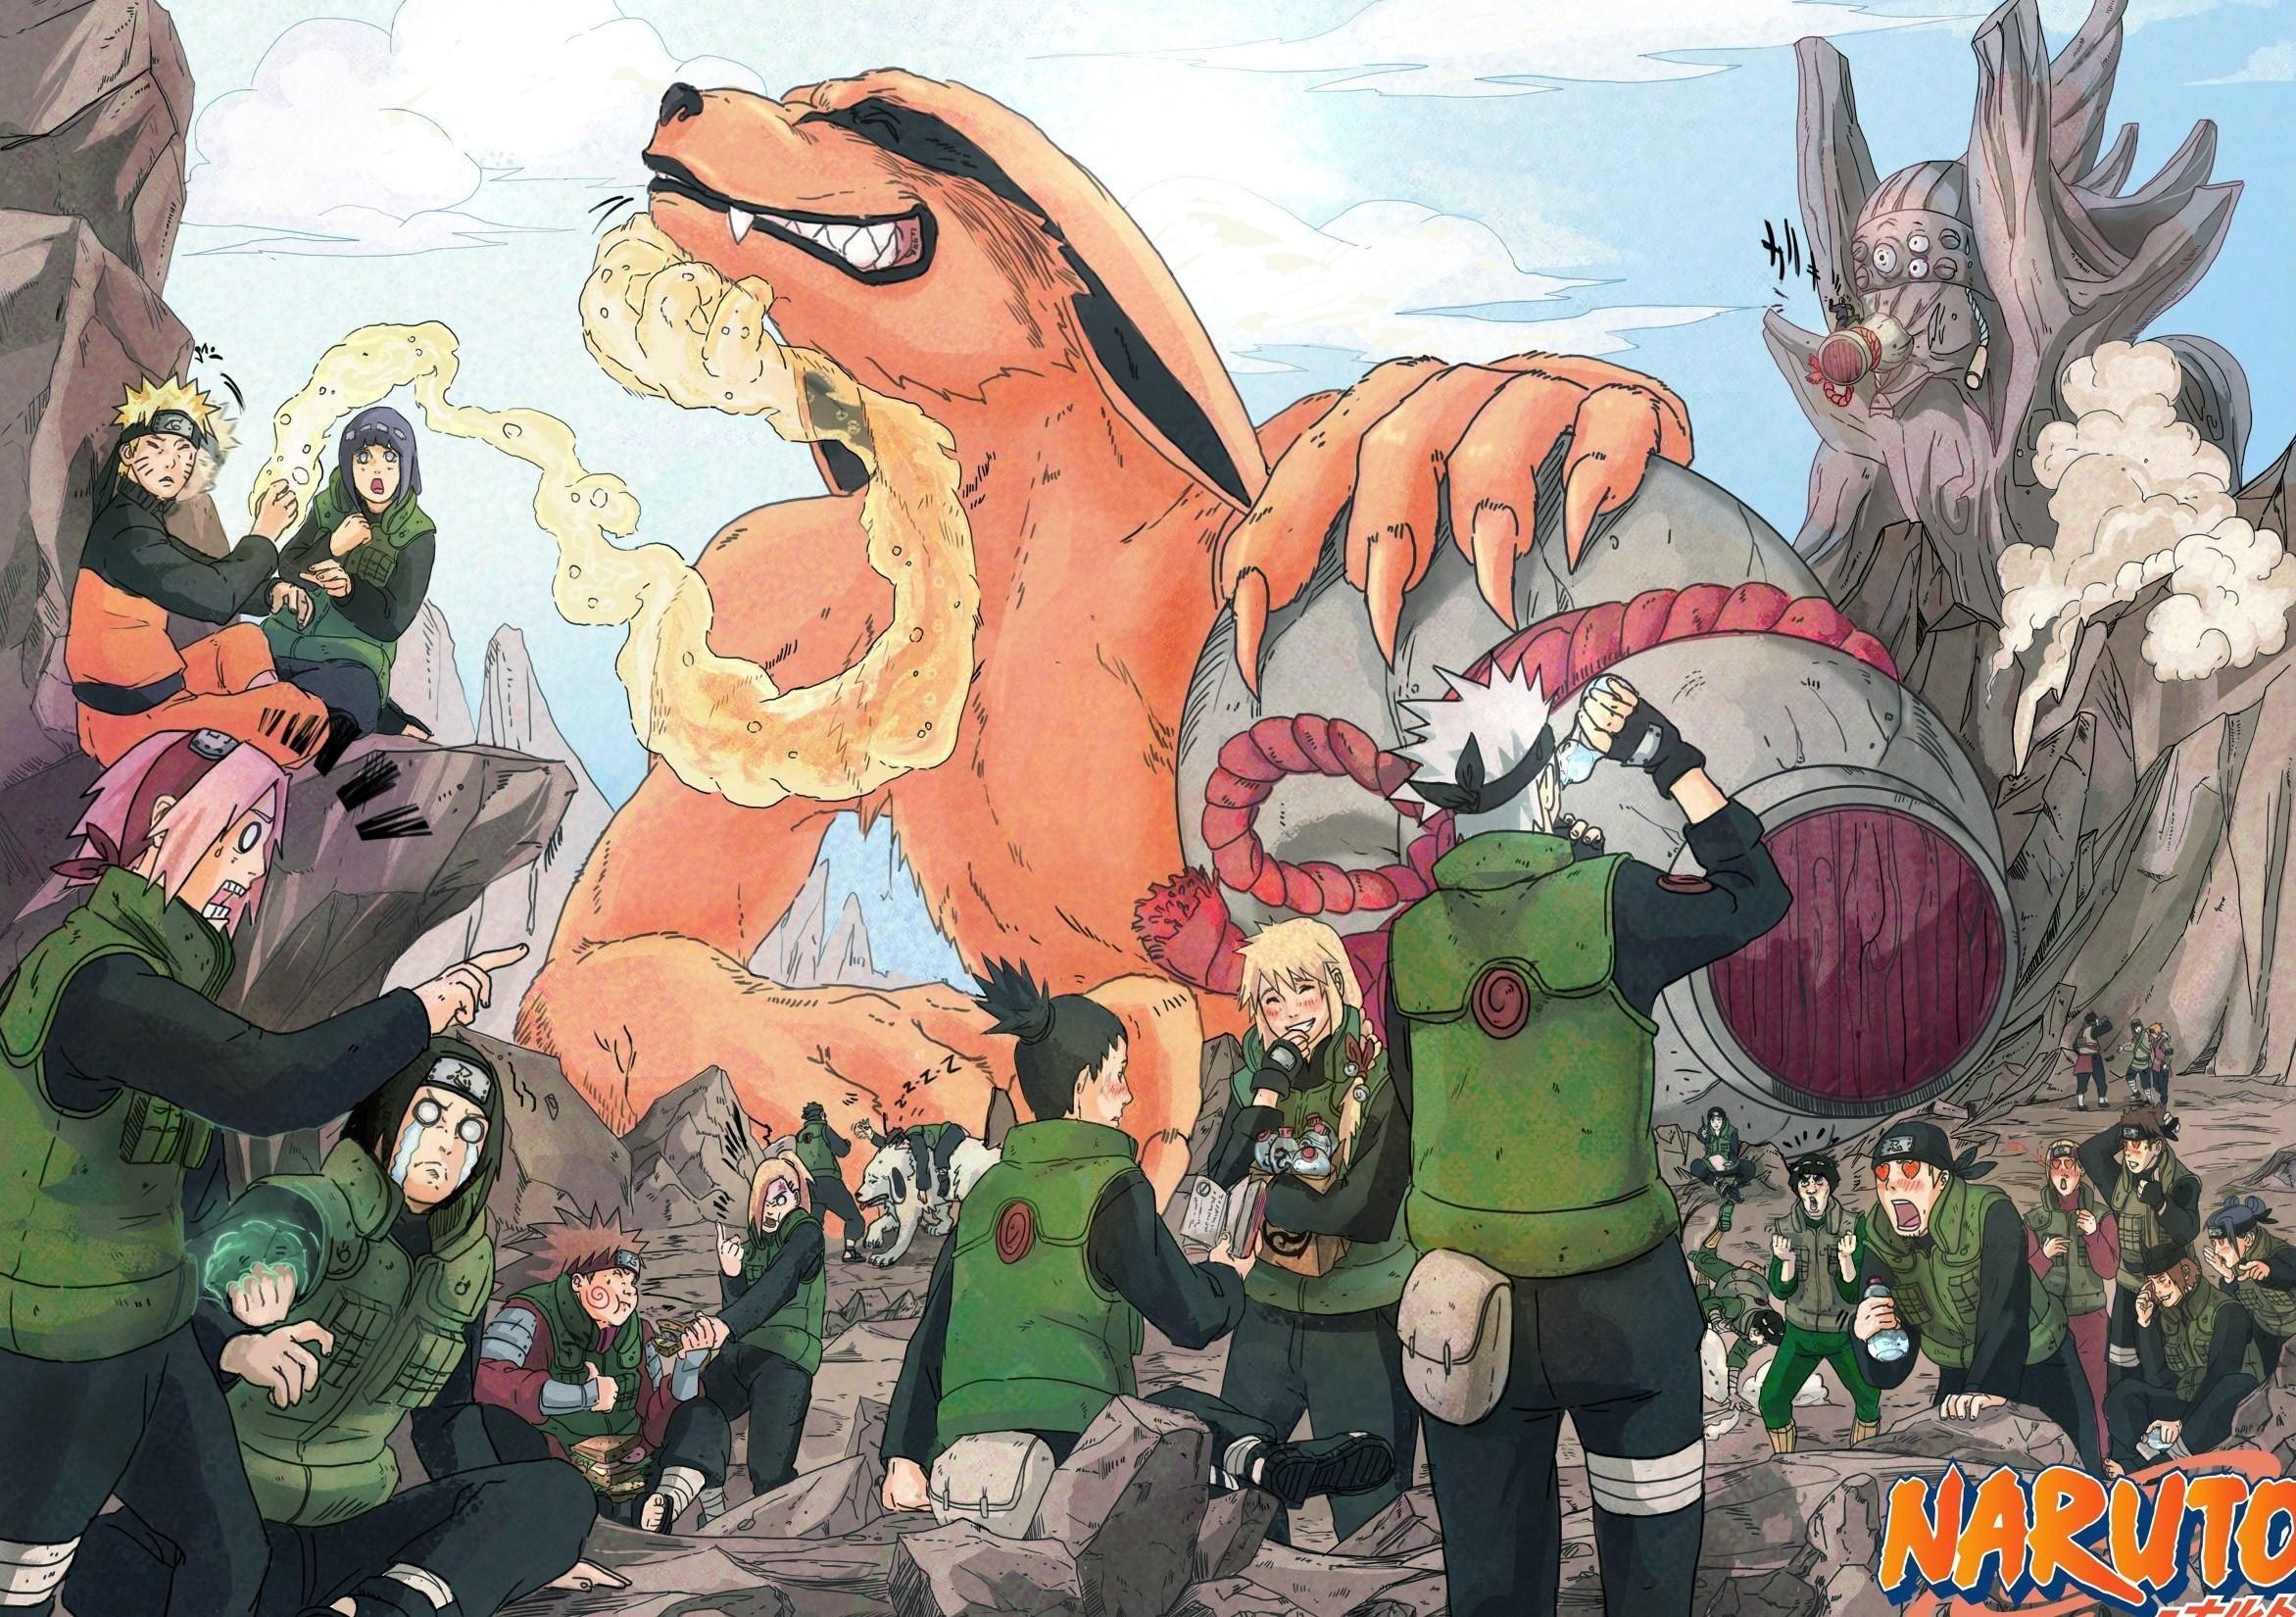 Download Wallpaper Macbook Naruto - 1077638-vertical-shikamaru-nara-wallpaper-2343x1650-for-macbook  Pic_597691.jpg